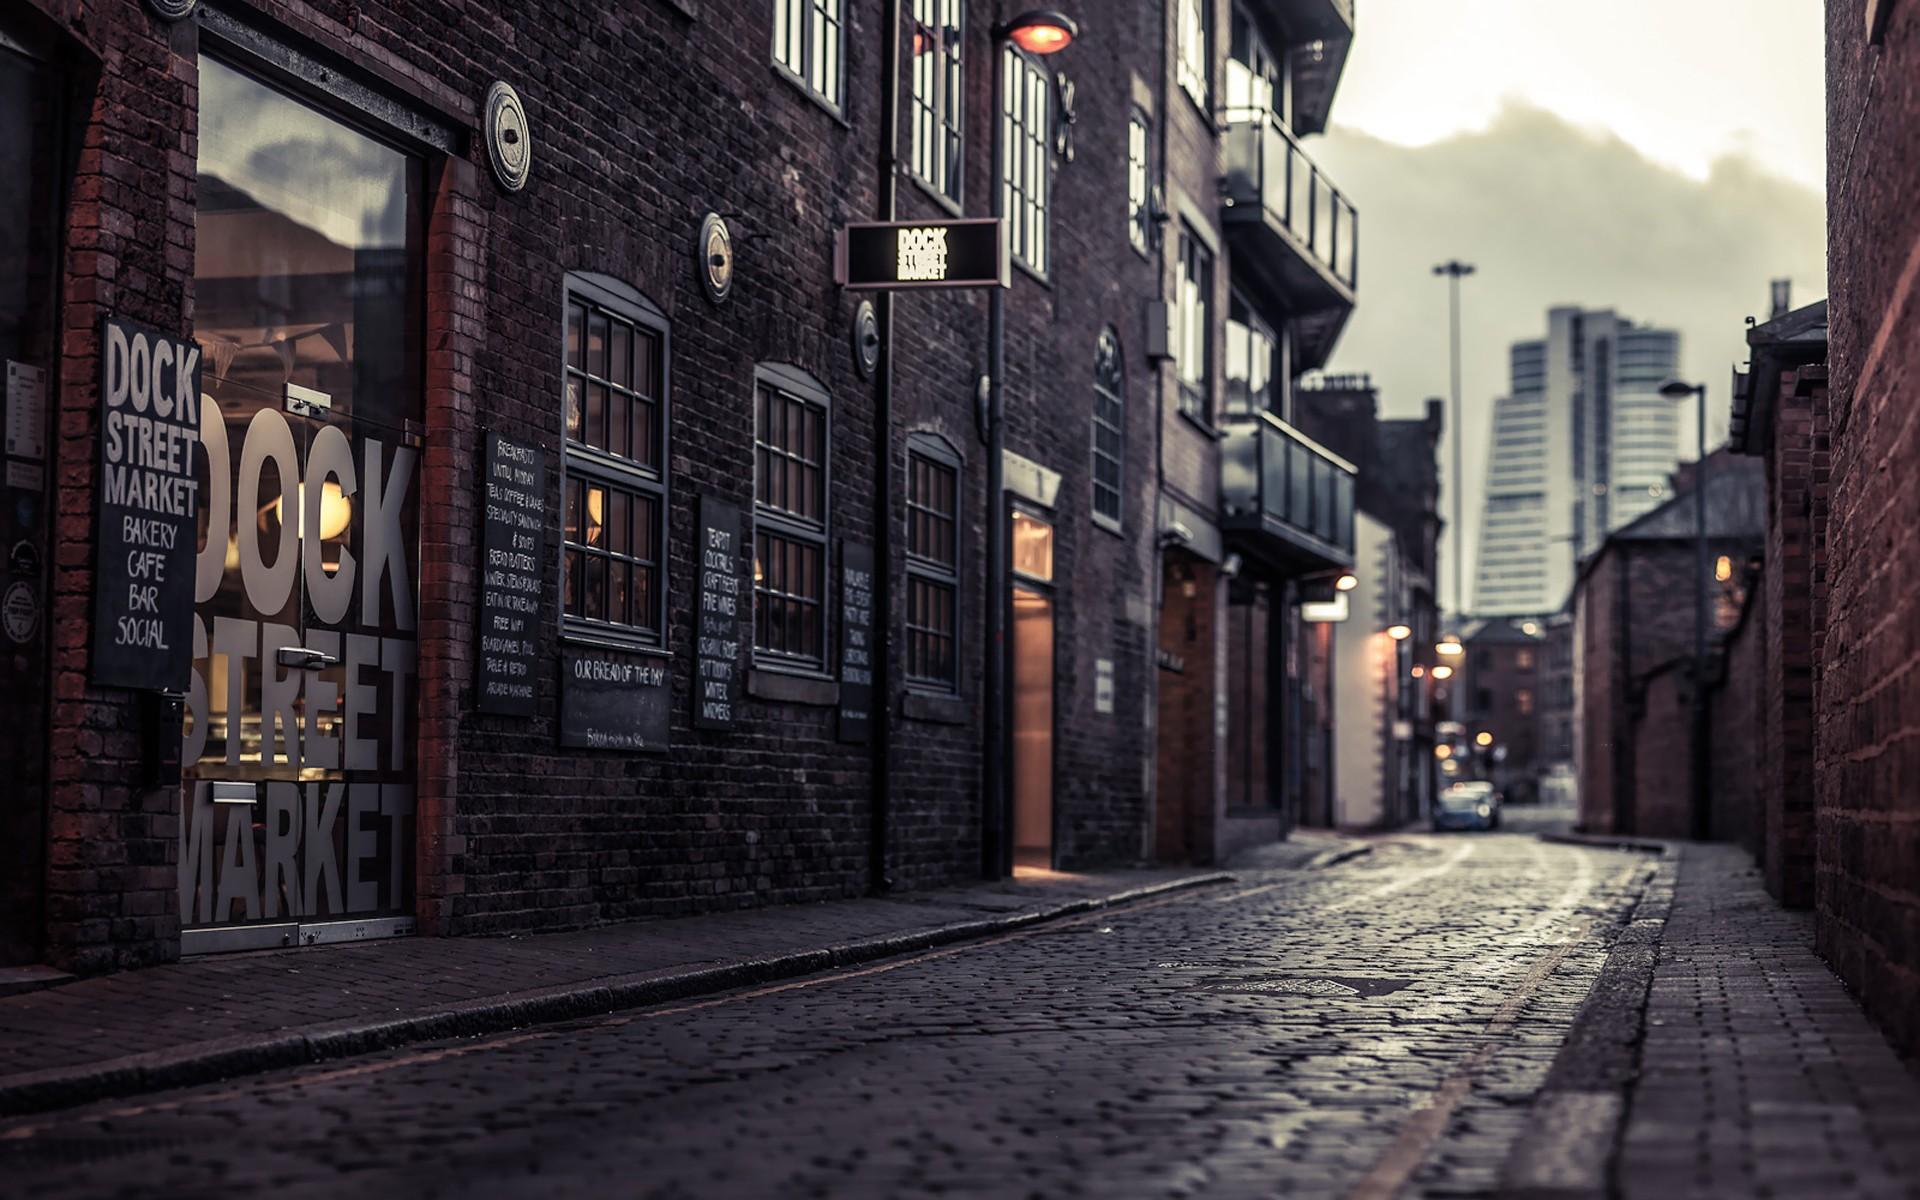 Old City Dock Street Market Wallpaper HD 1920x1200